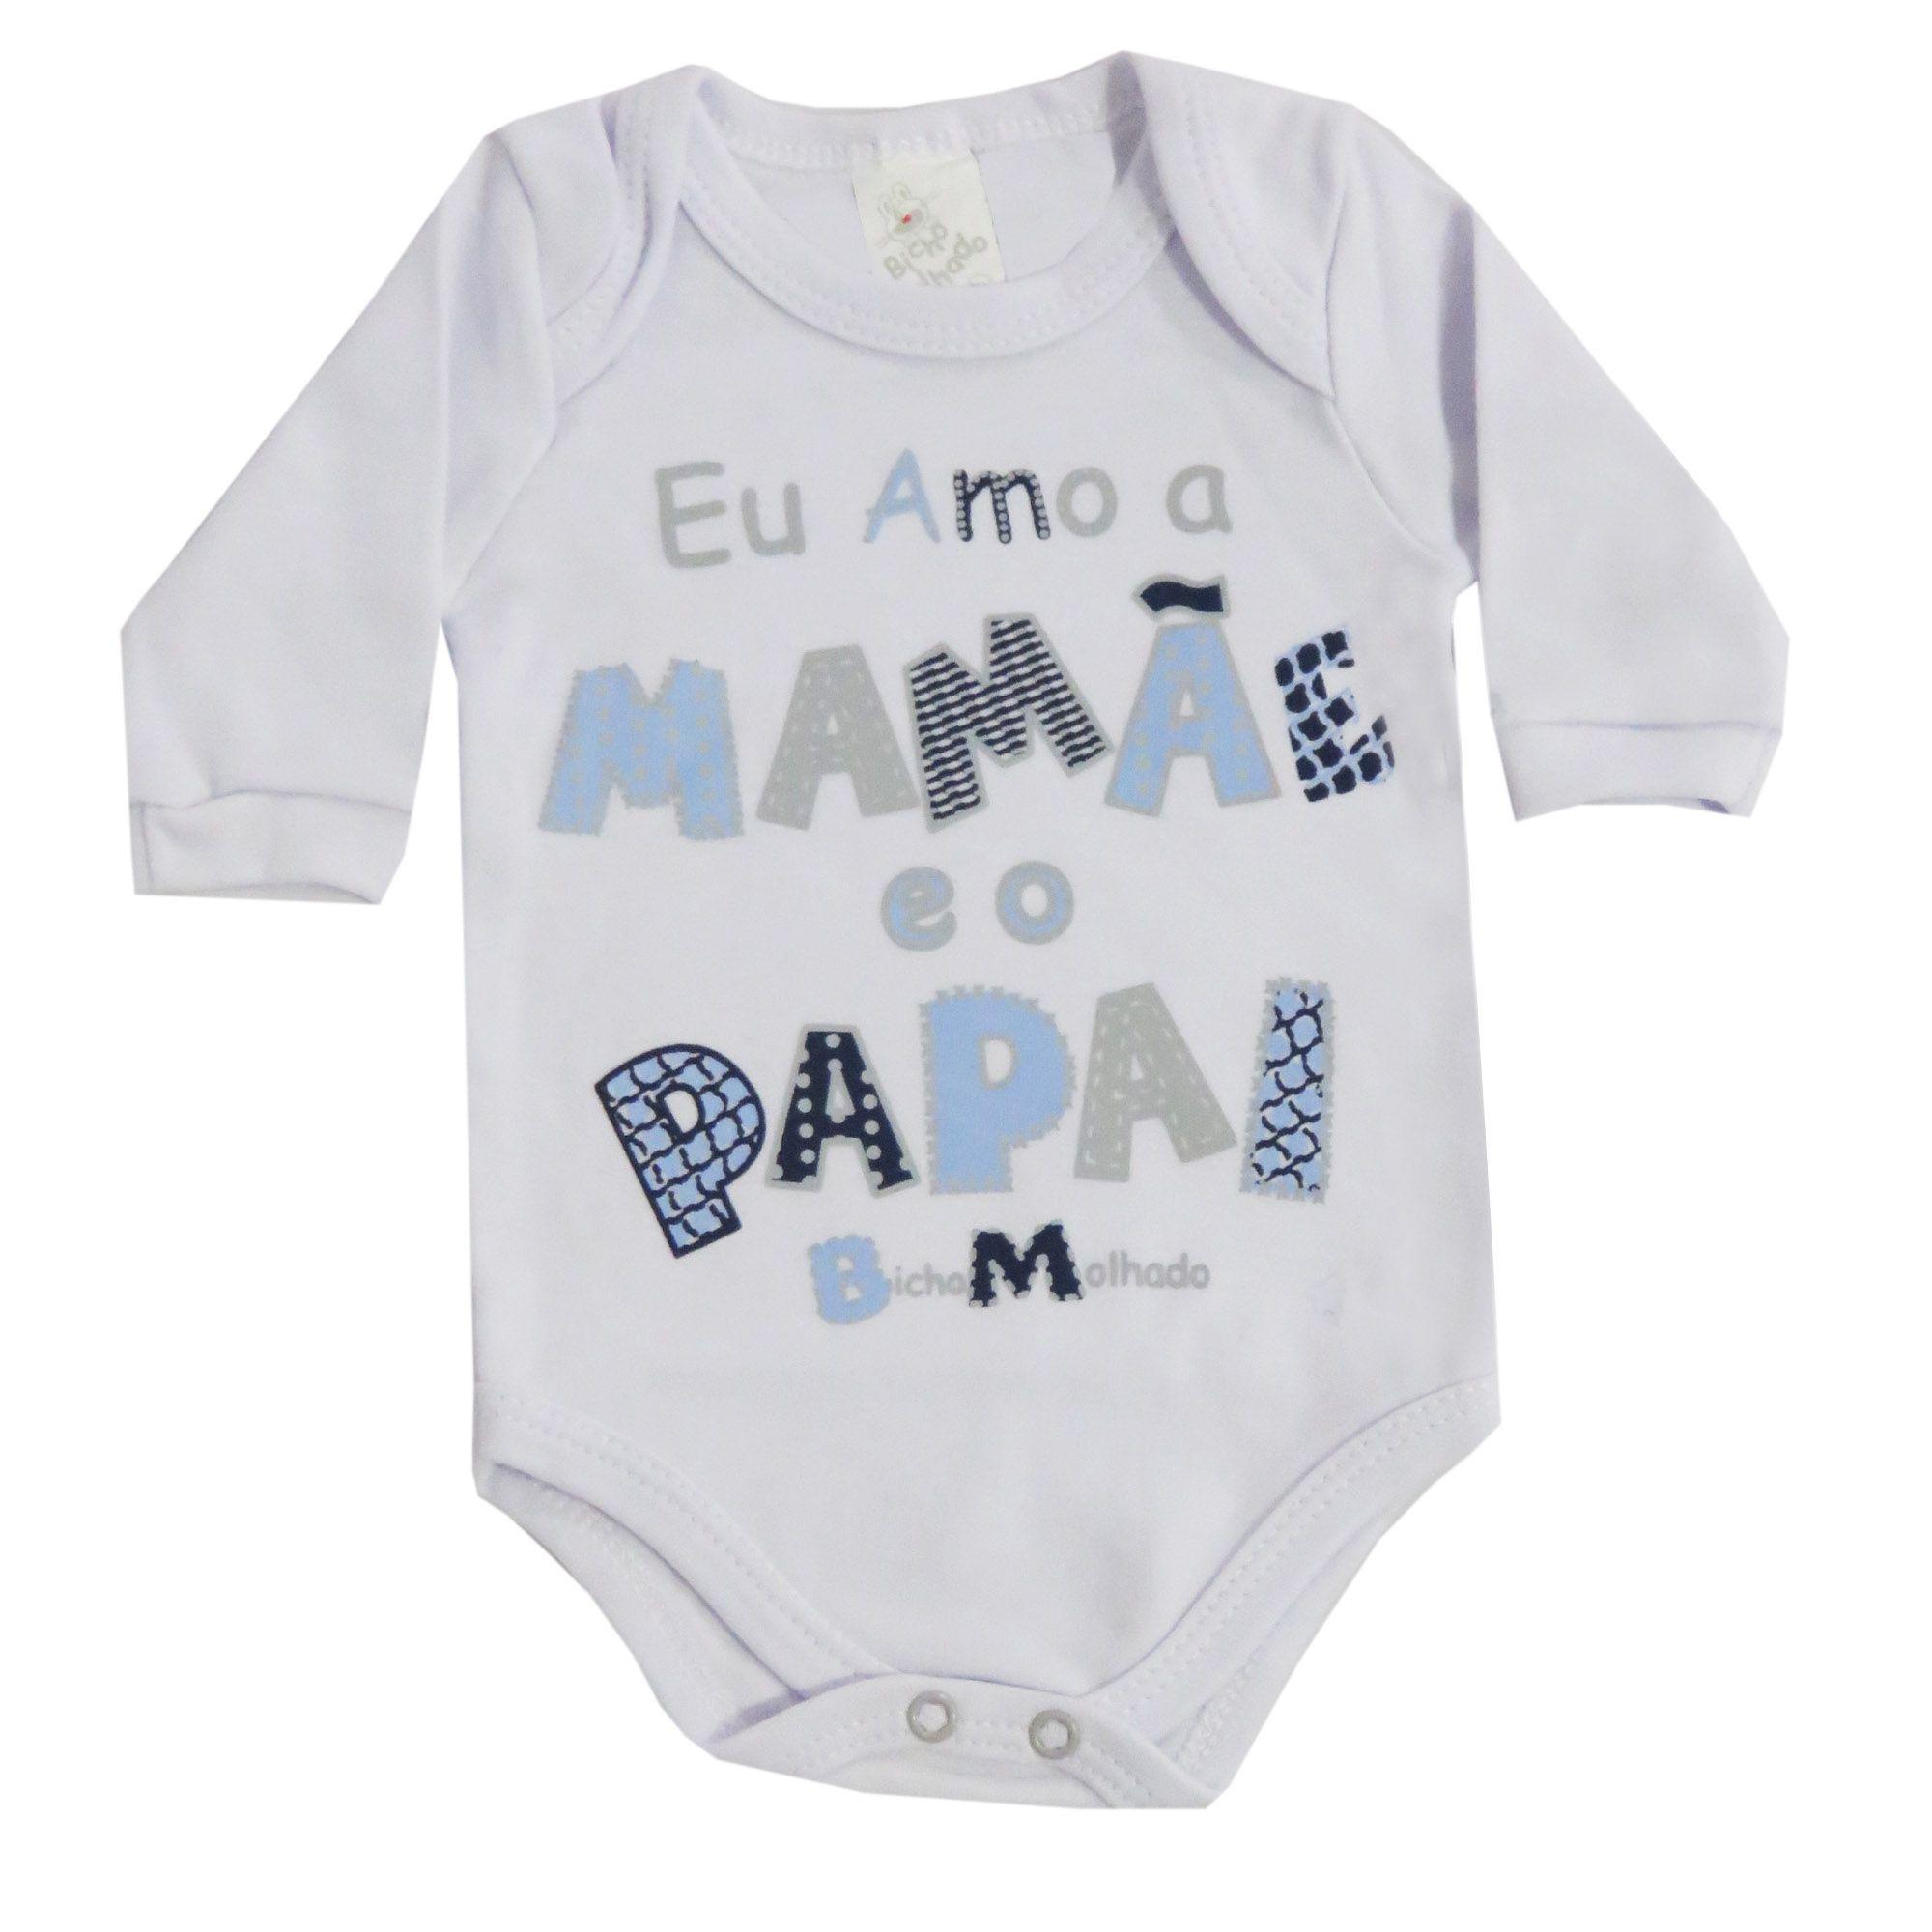 Body Bicho Molhado Frases Eu Amo a Mamãe e o Papai - RN ao G